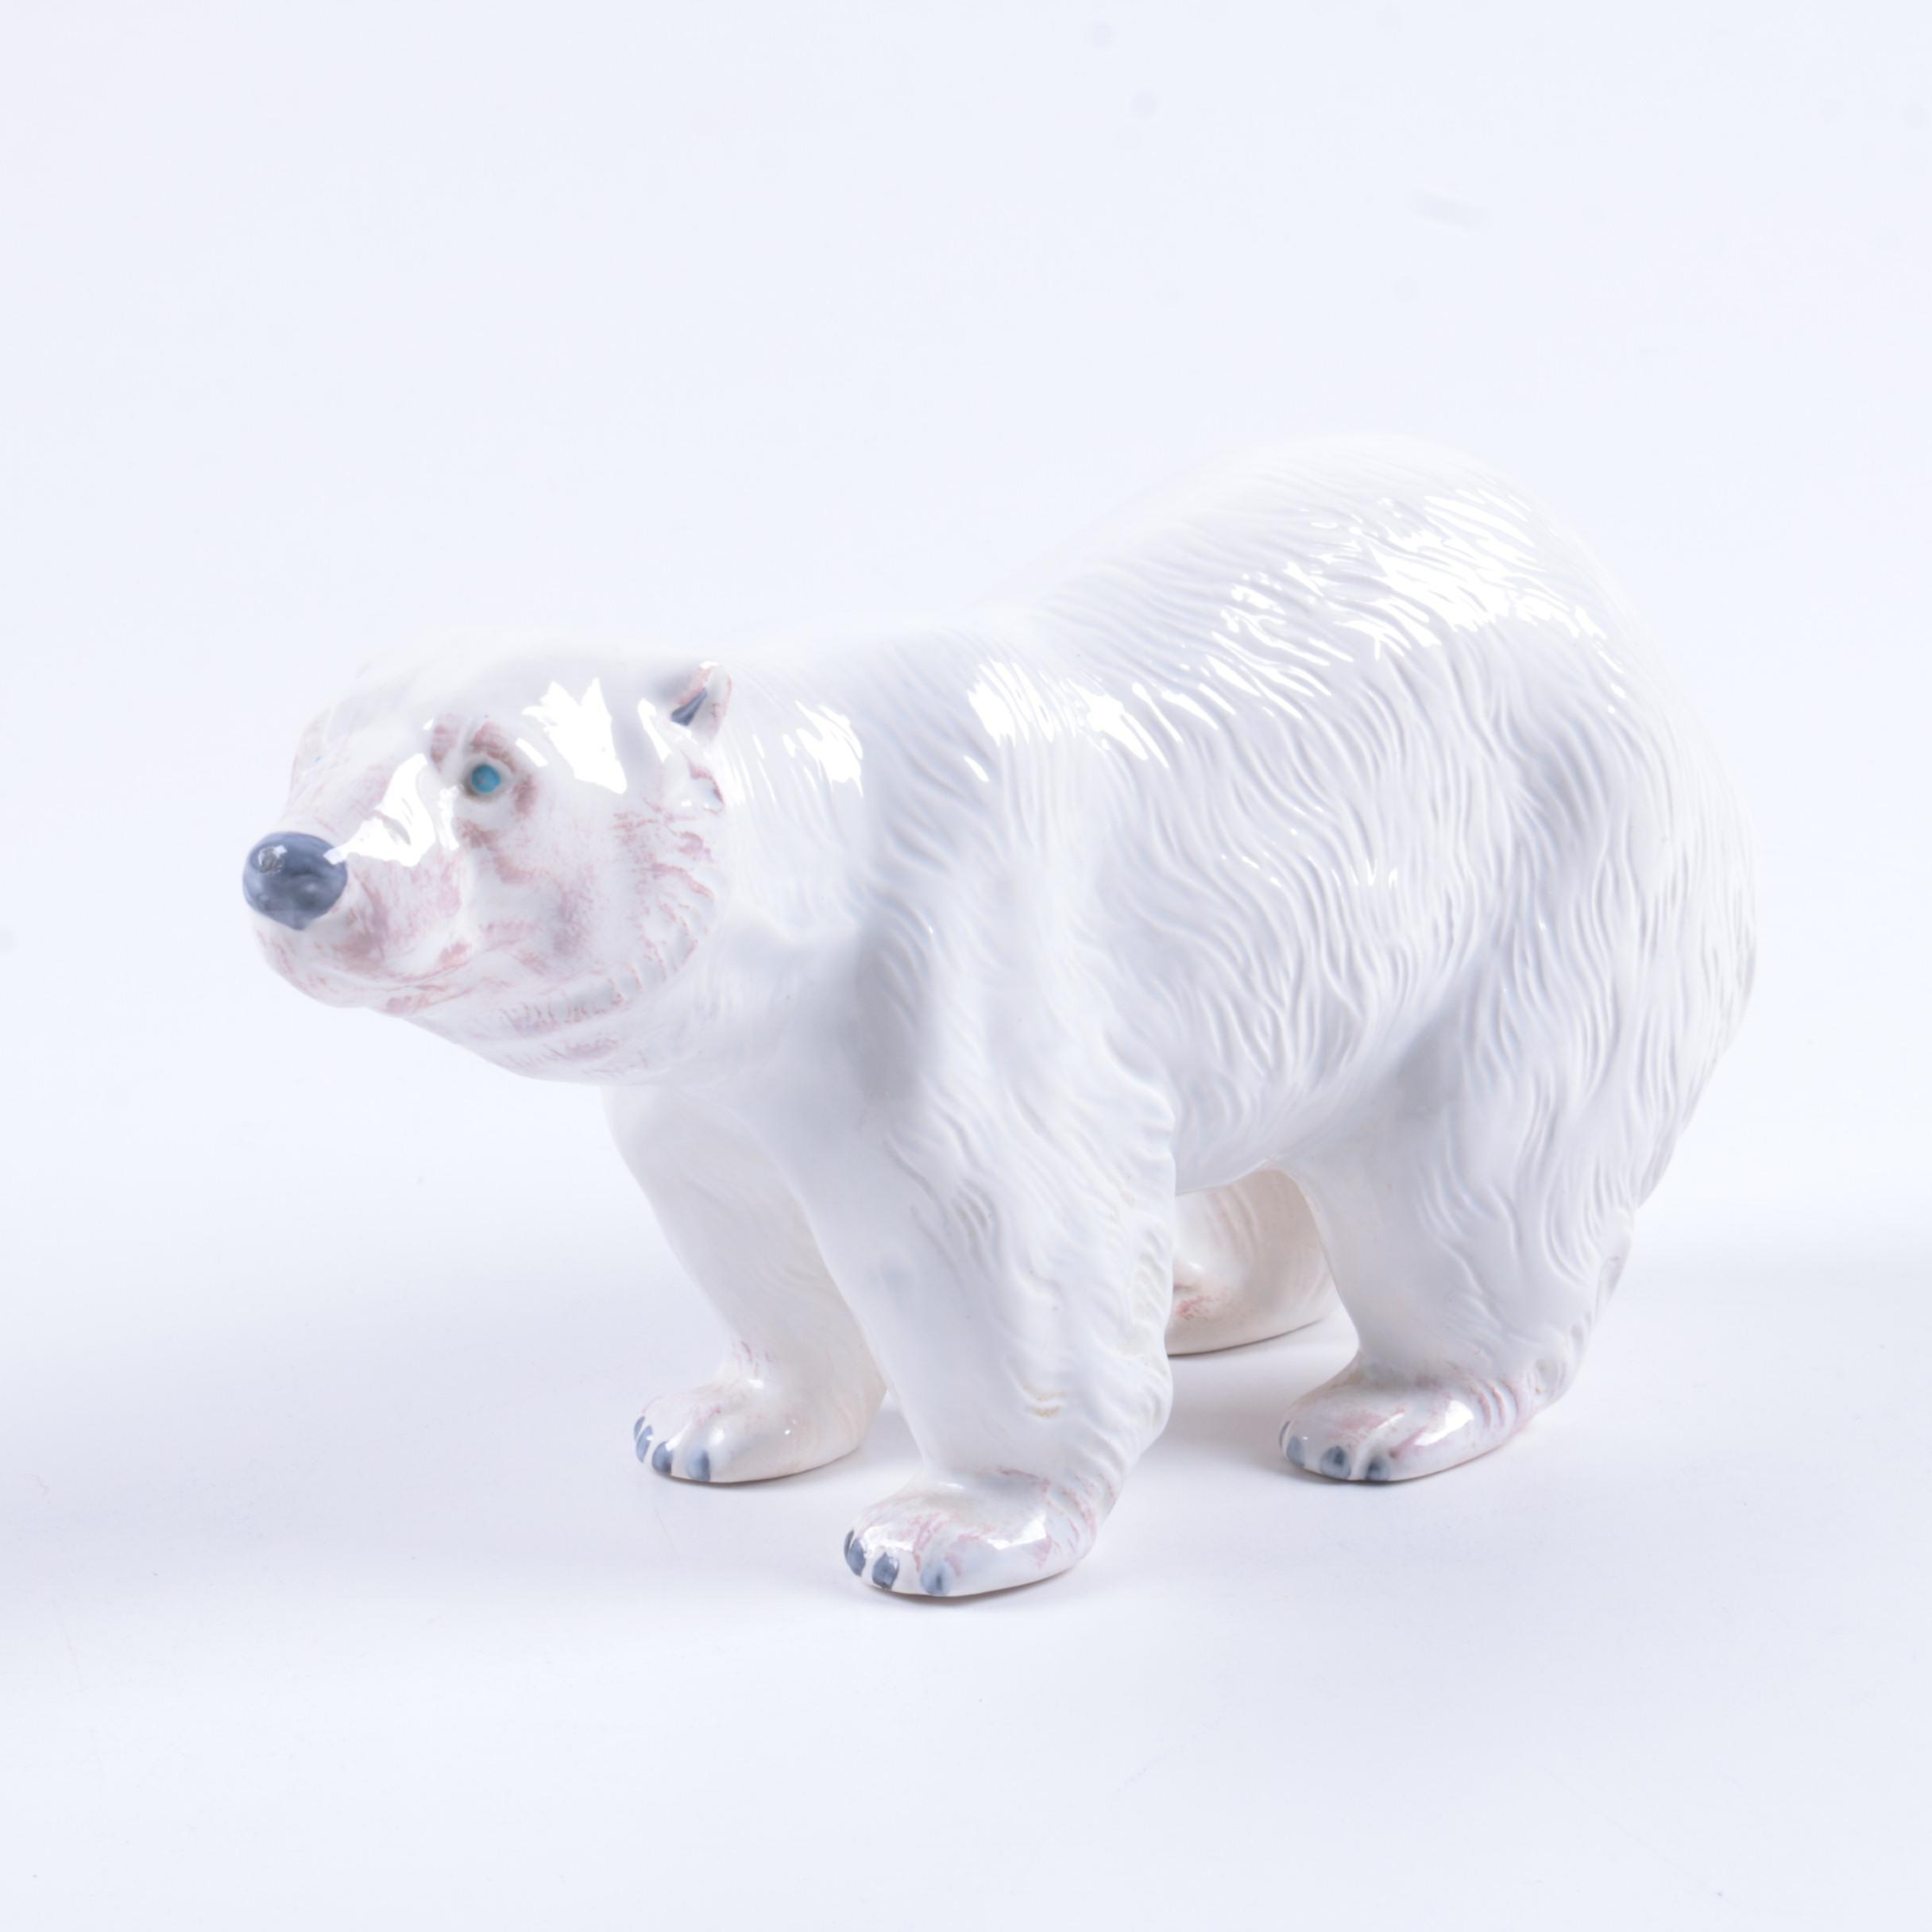 Ceramic Polar Bear Figurine